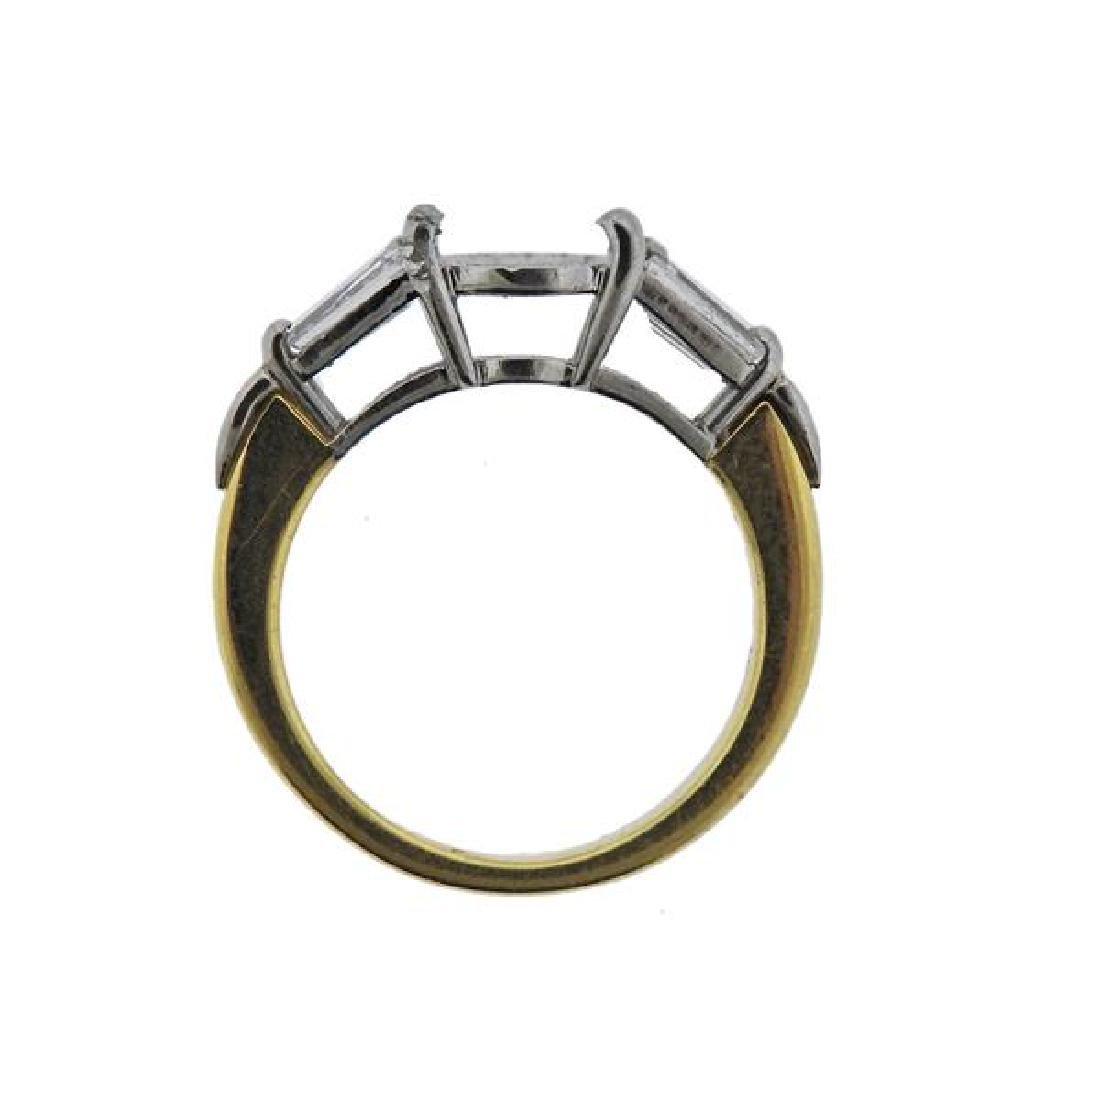 18K Gold Platinum Diamond Engagement Ring Mounting - 3